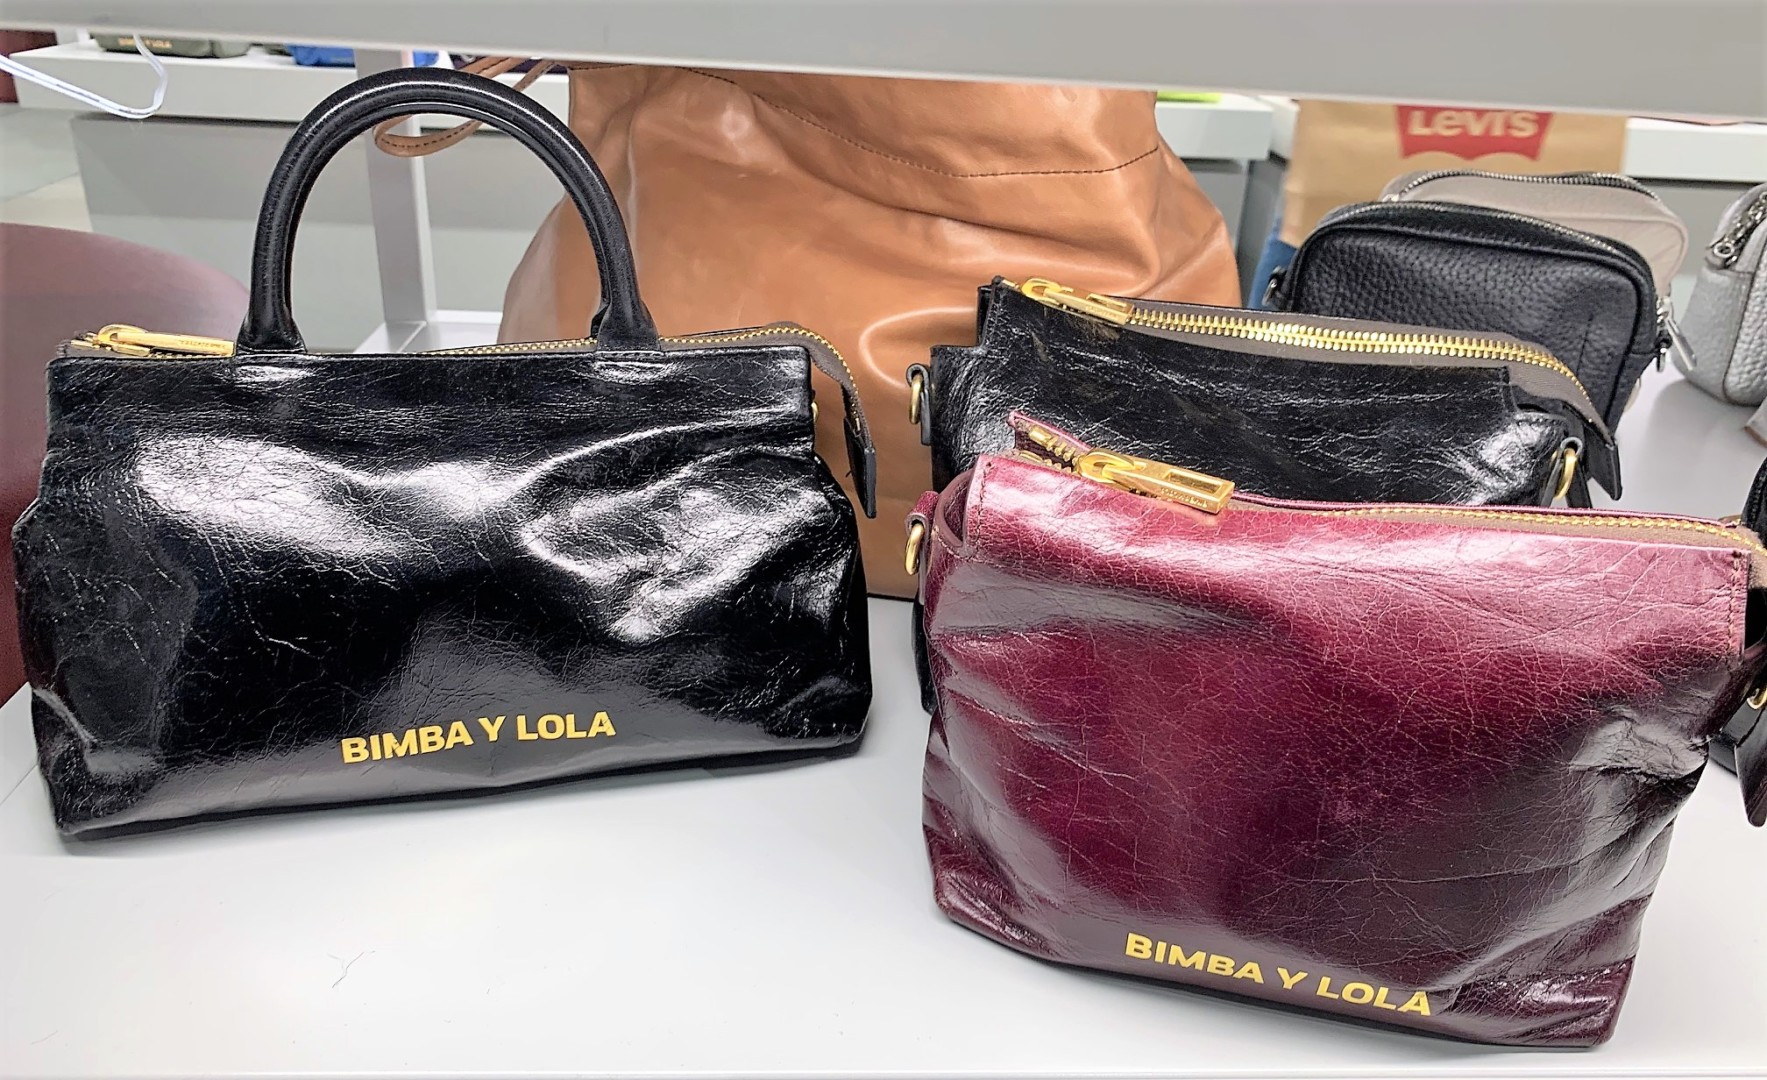 Imprescindibles de invierno en Bimba y Lola La Noria Outlet Murcia